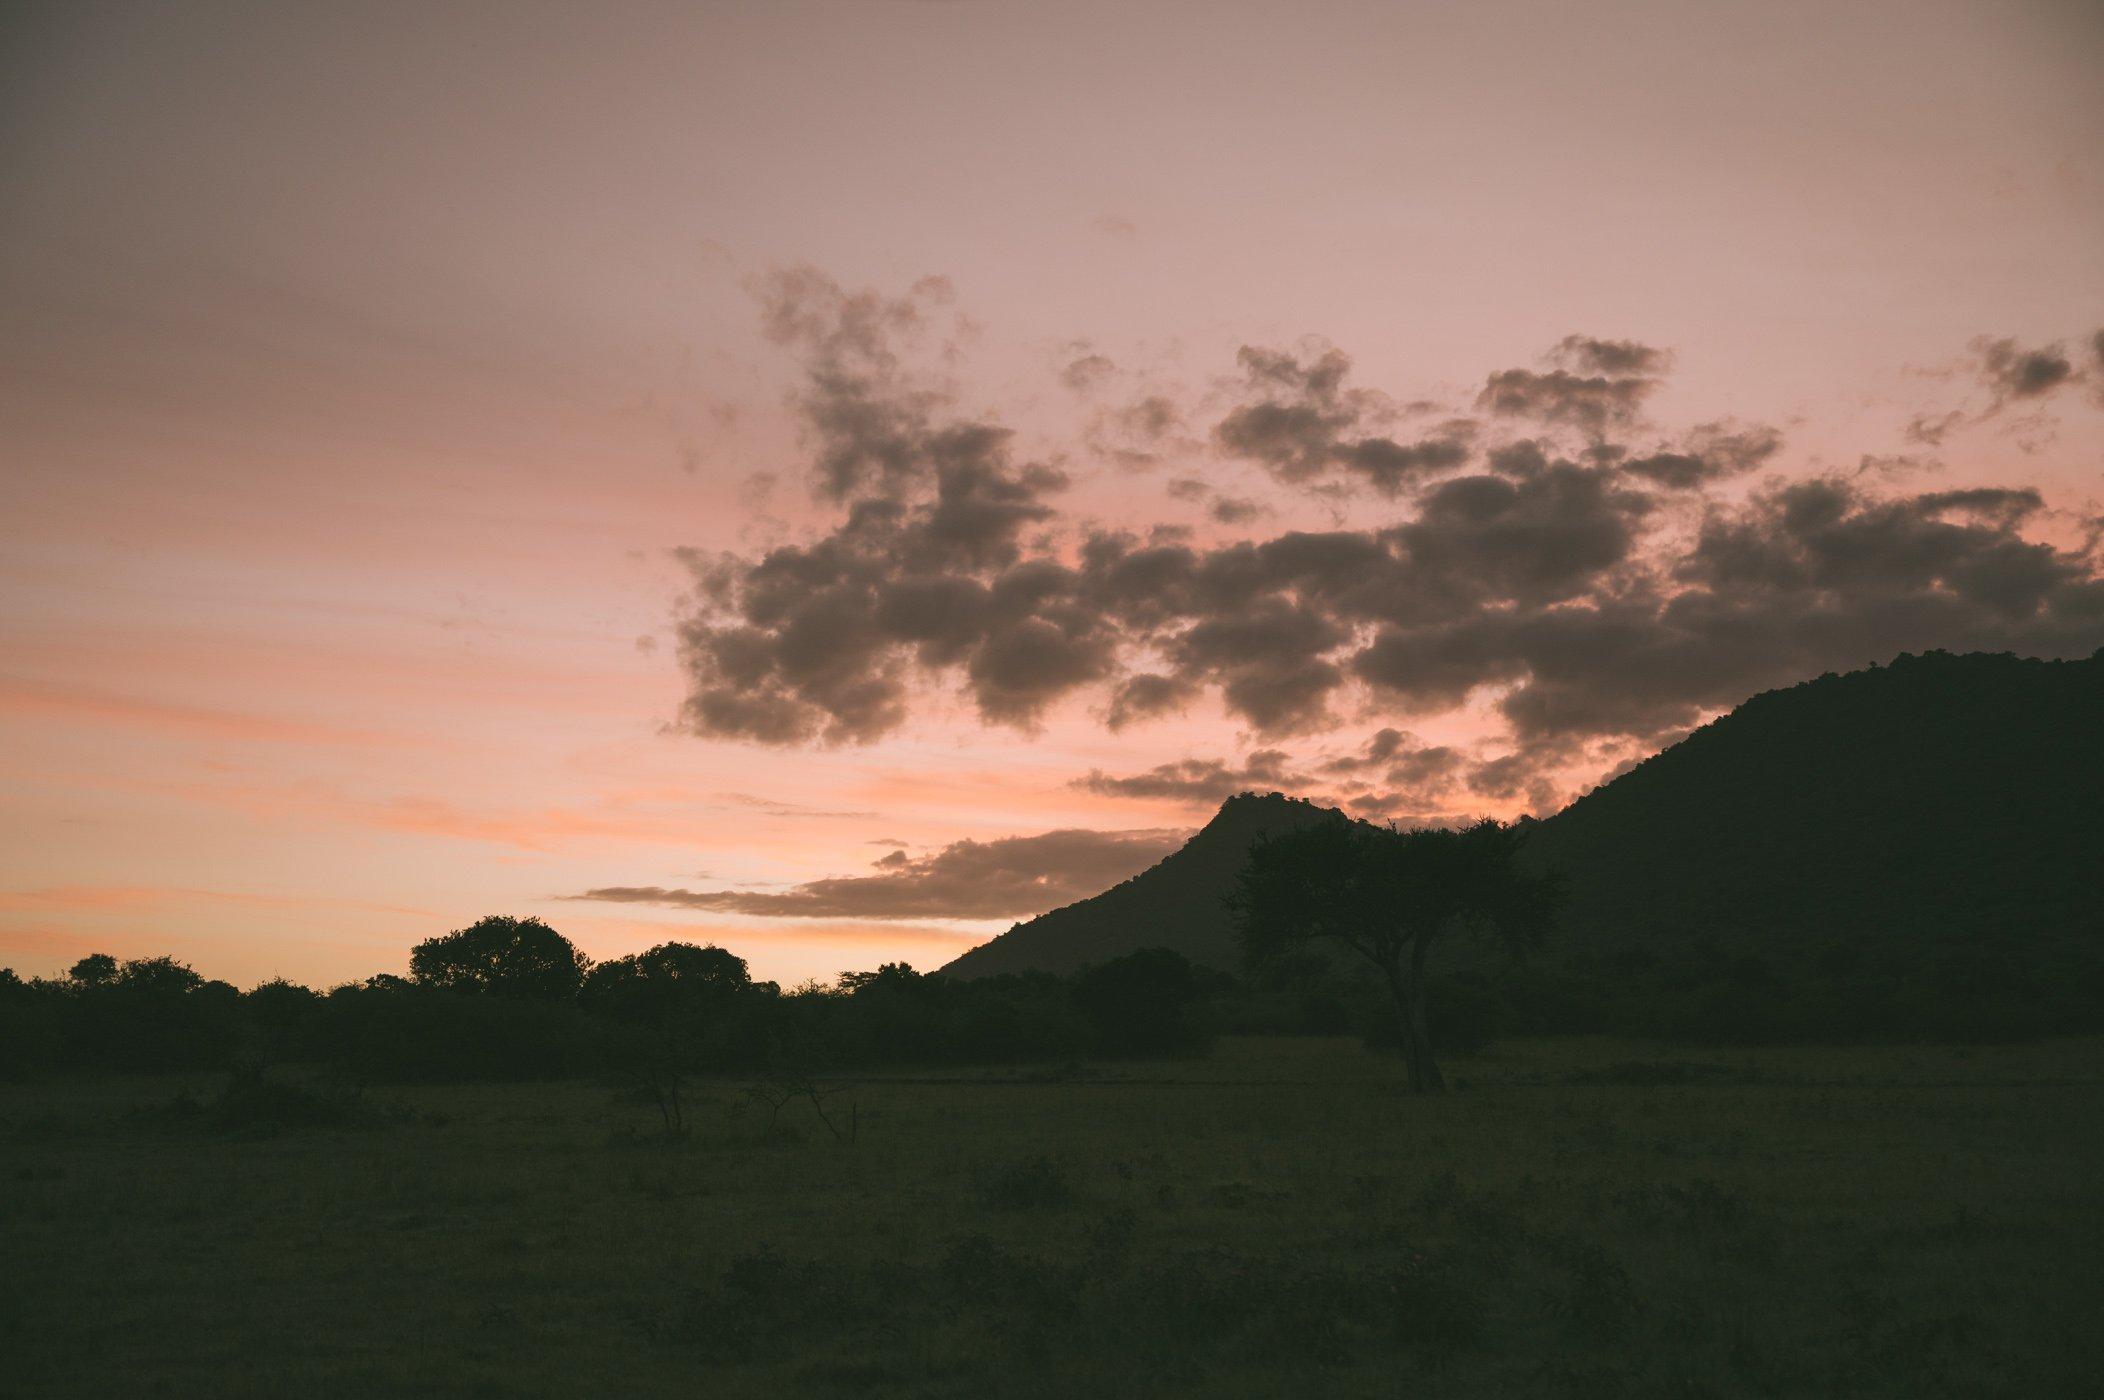 Sunset at Cottar's in Kenya